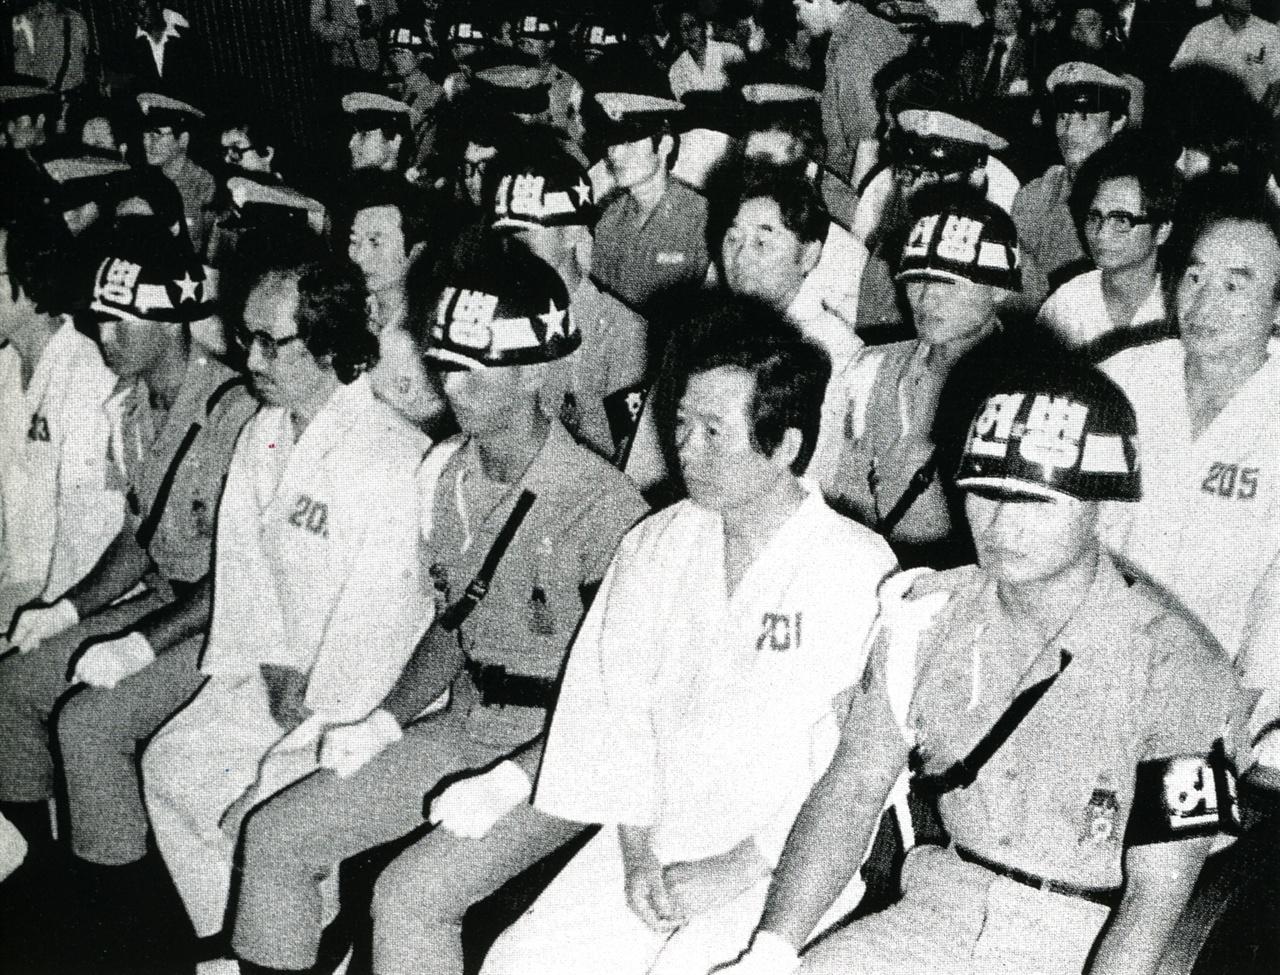 사형선고를 받았던 1980년 군사재판 모습